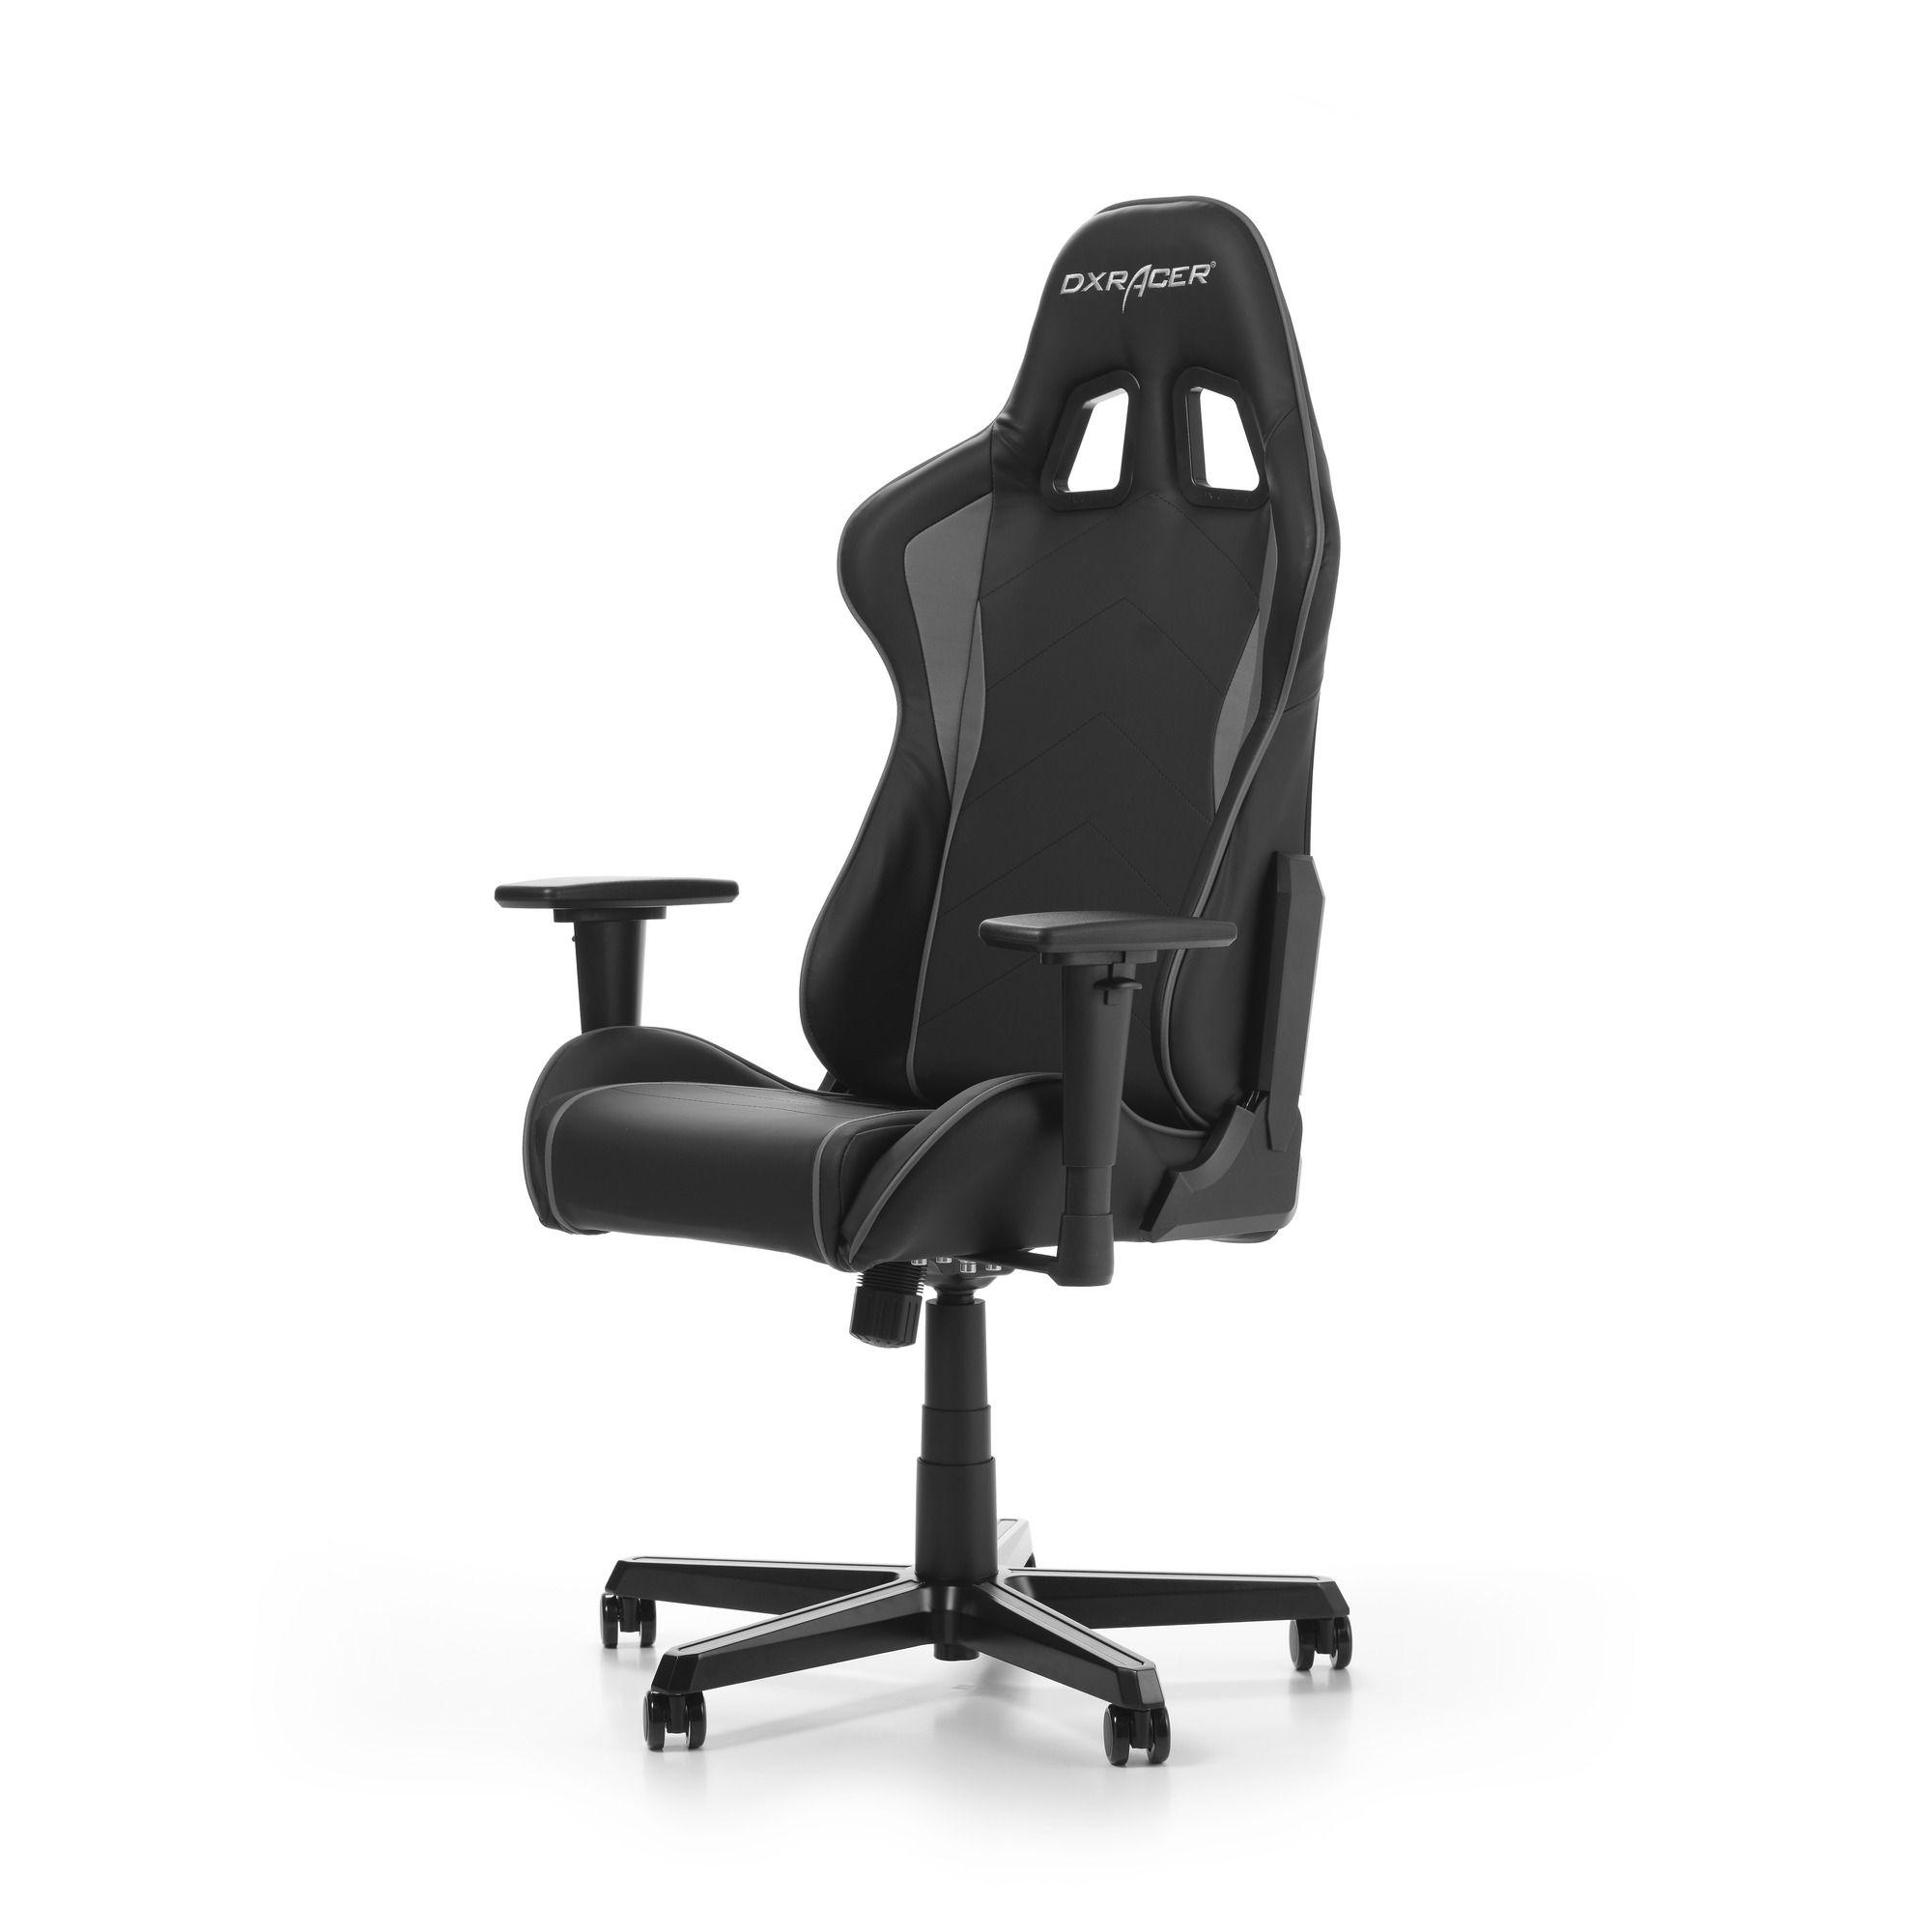 Геймърски стол DXRacer - серия FORMULA, черен/сив - OH/FH08/NG - 11